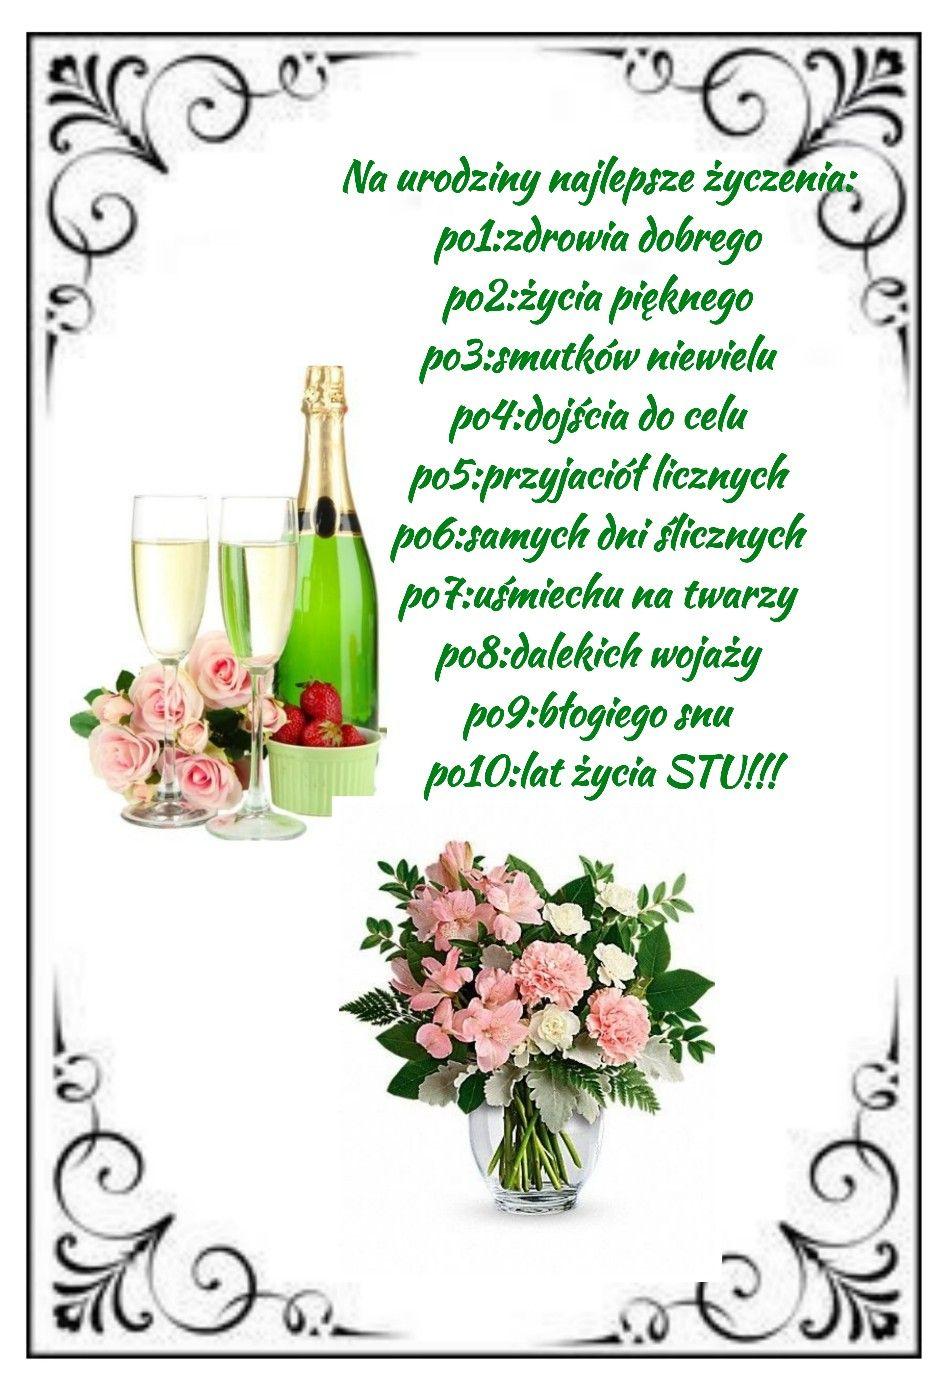 Pin By Elzbieta Cyron On Zyczenia Urodzinowe I Imieninowe Birthday Cards Birthday Cards